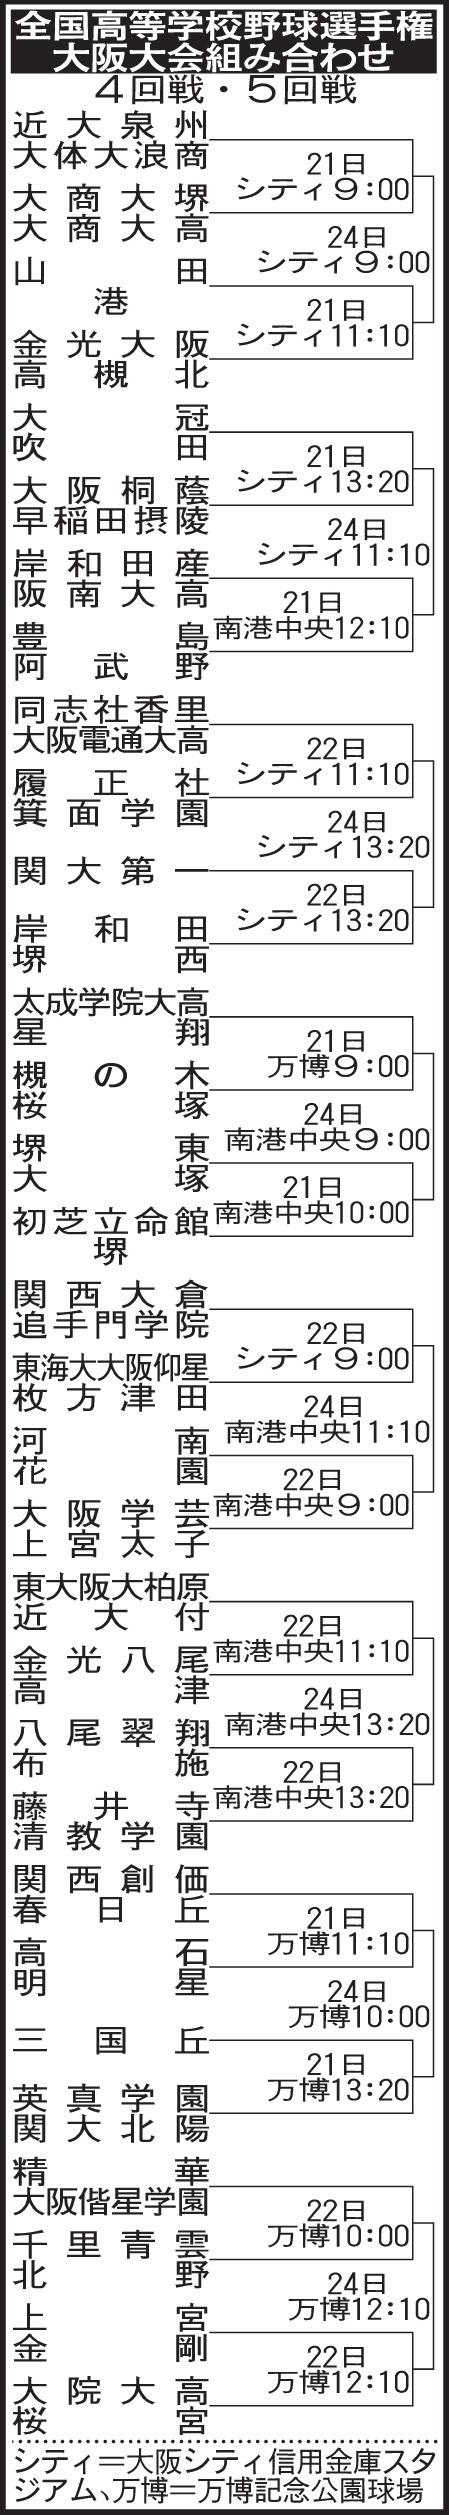 大阪 2019 高校 野球